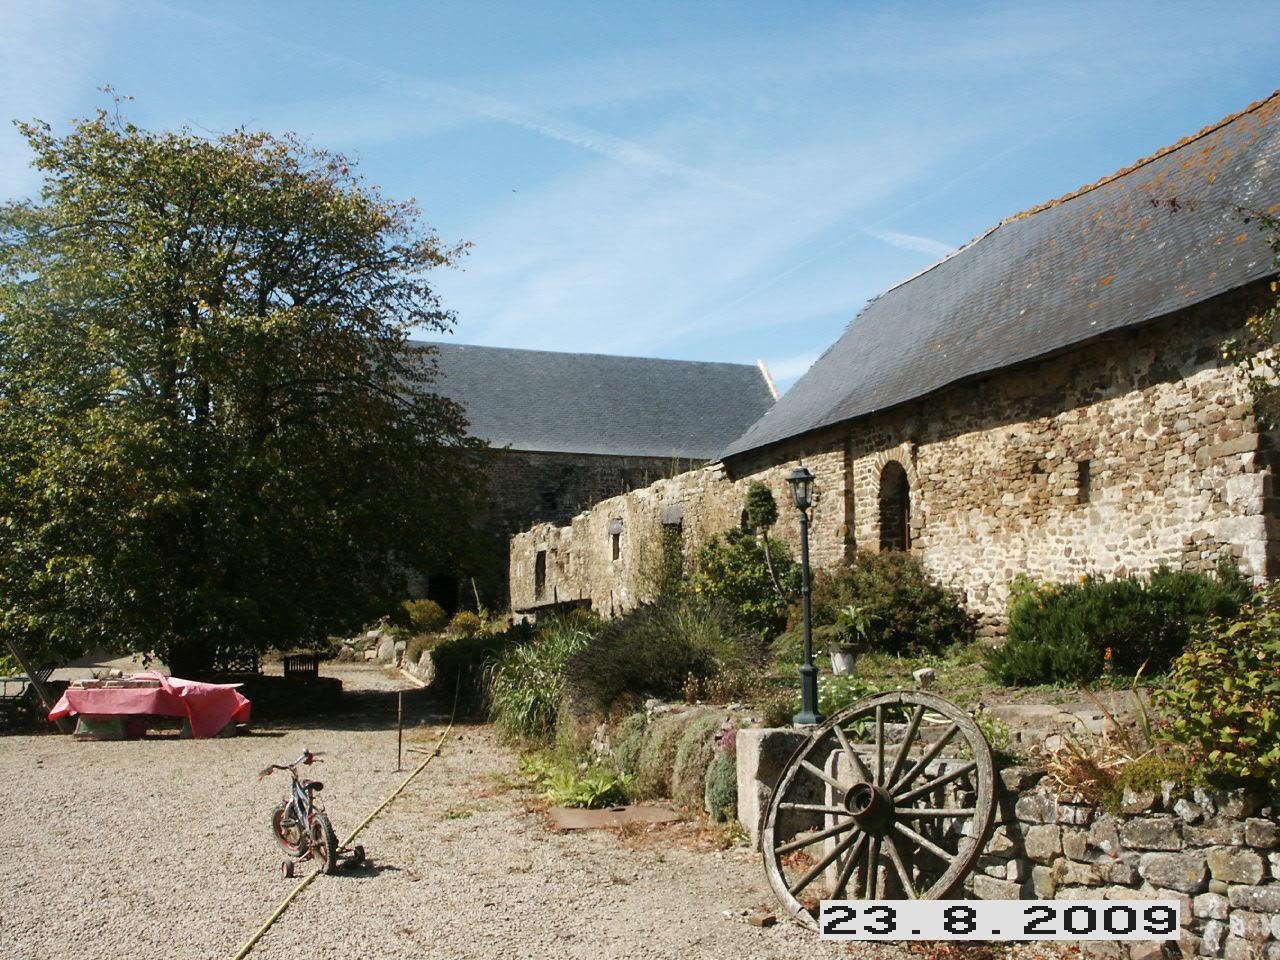 La longère, 2009.